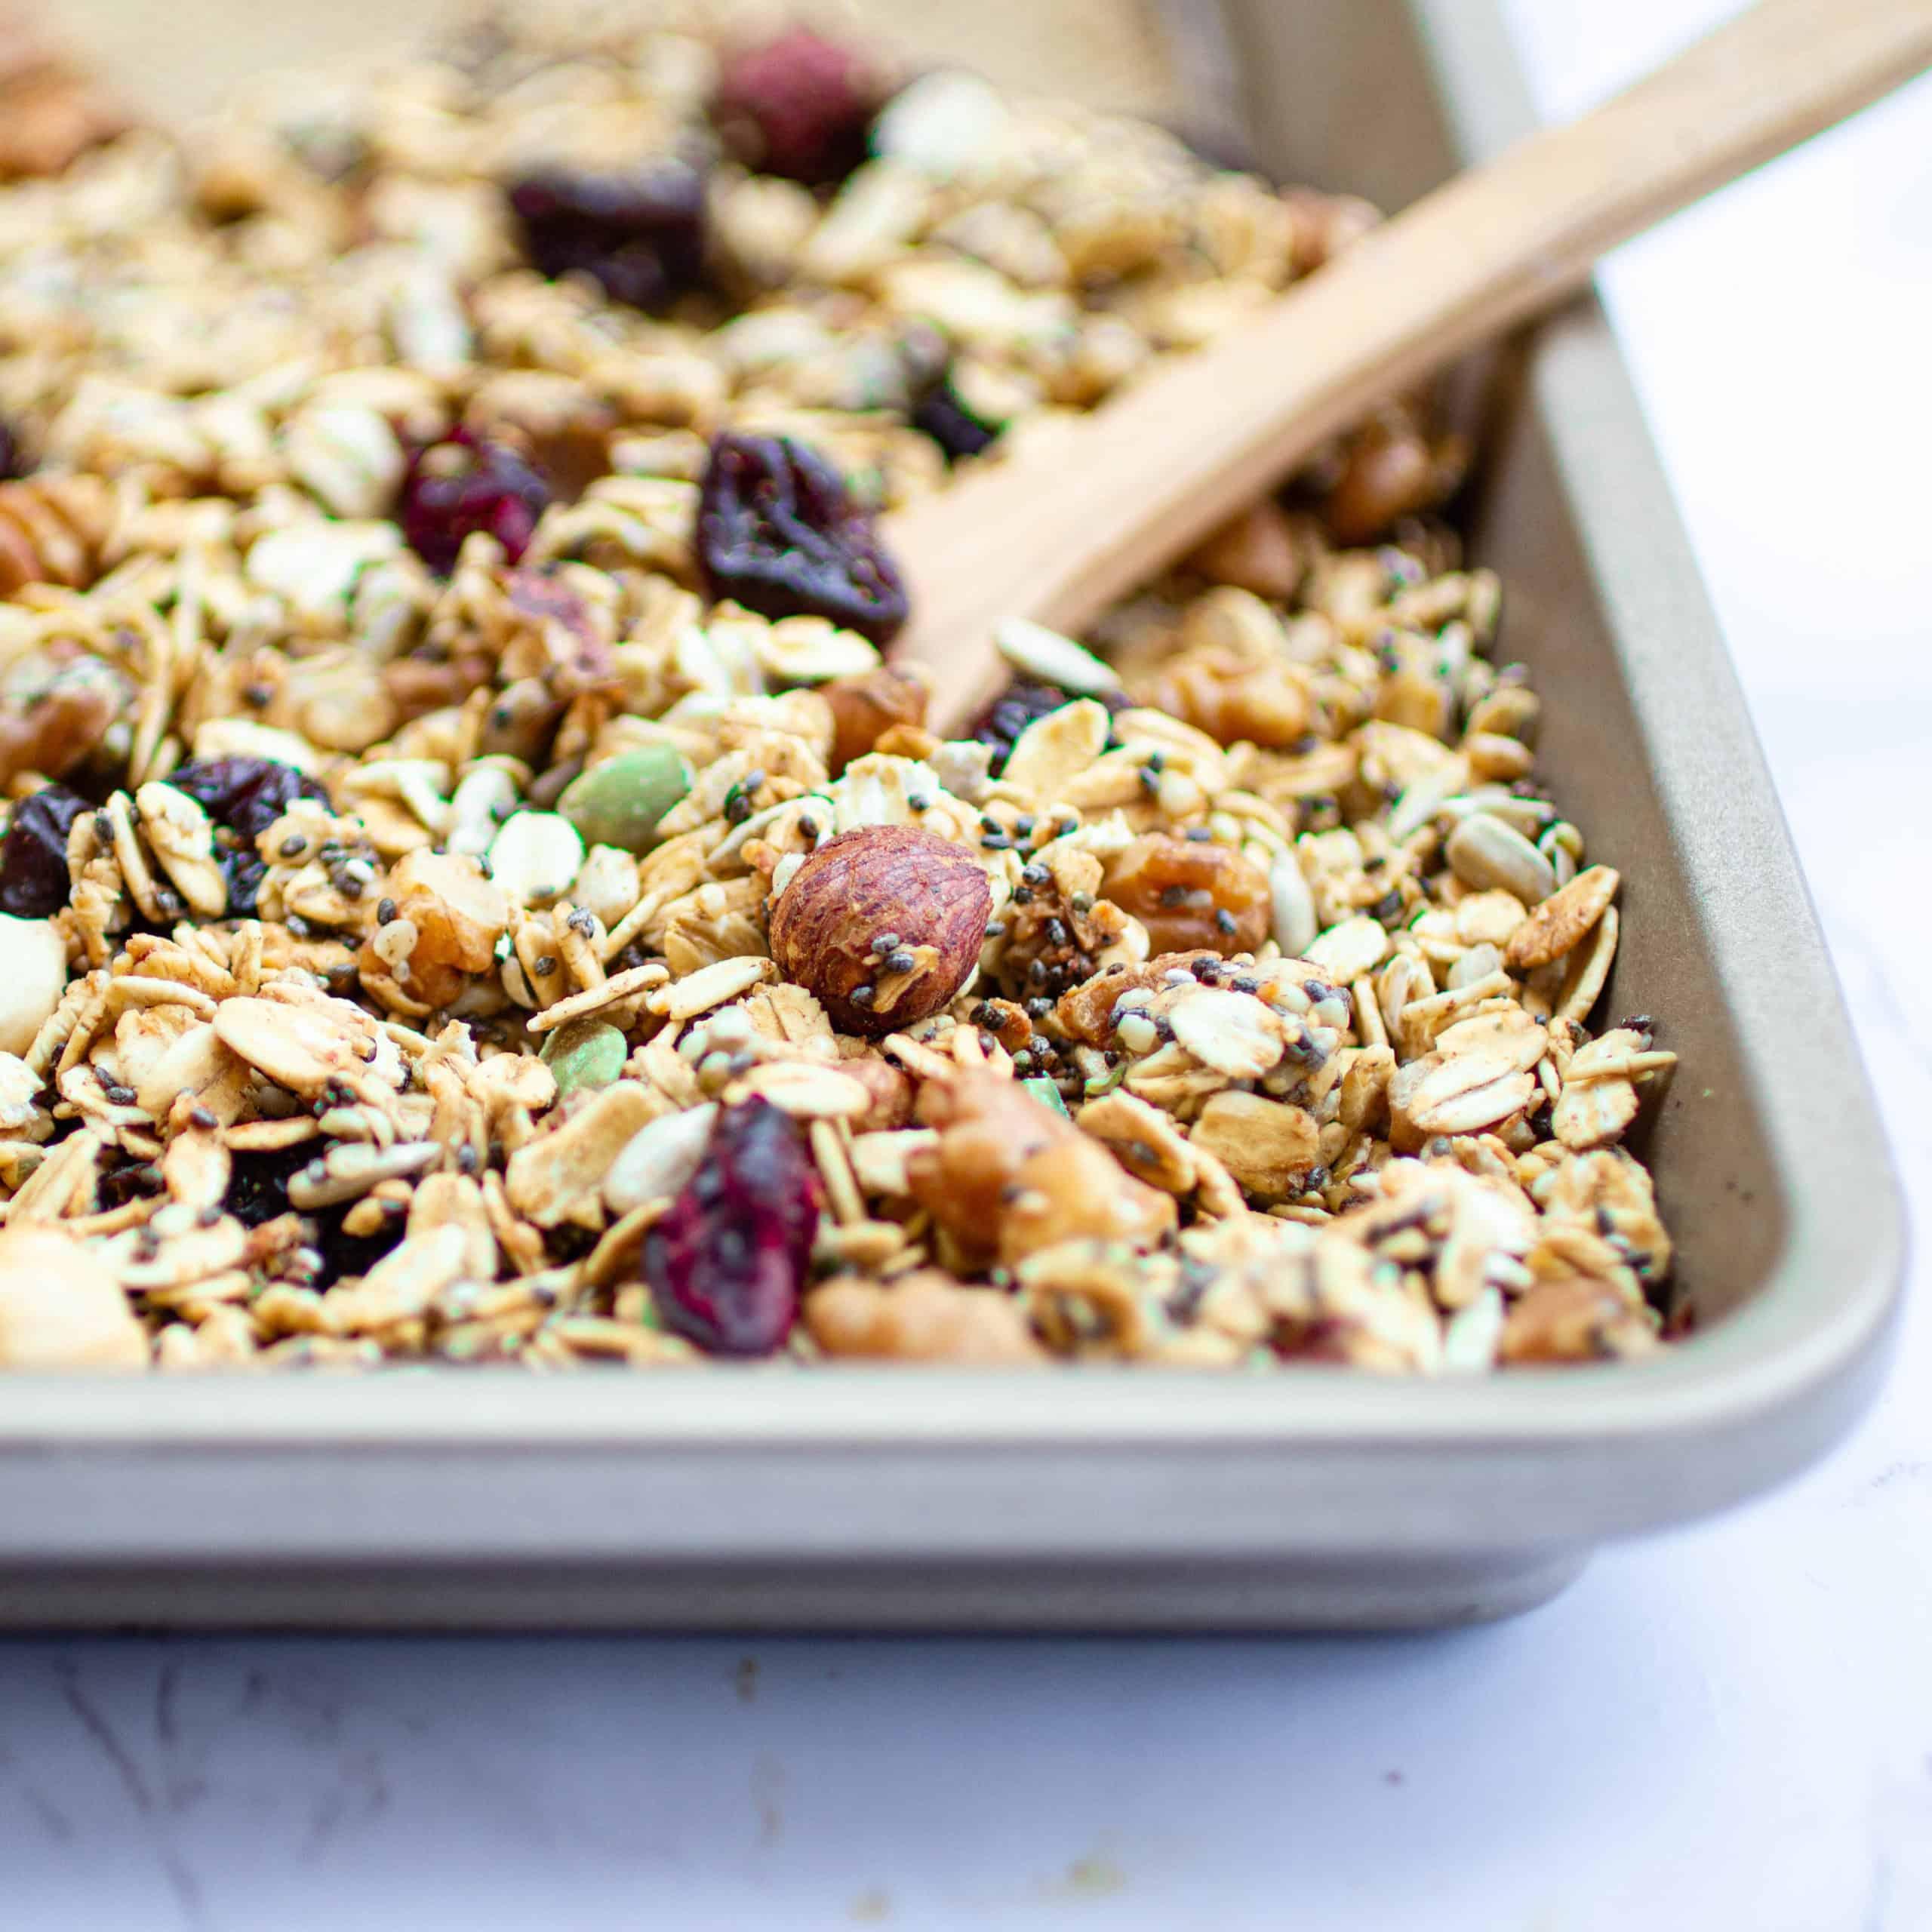 No-oil granola recipe